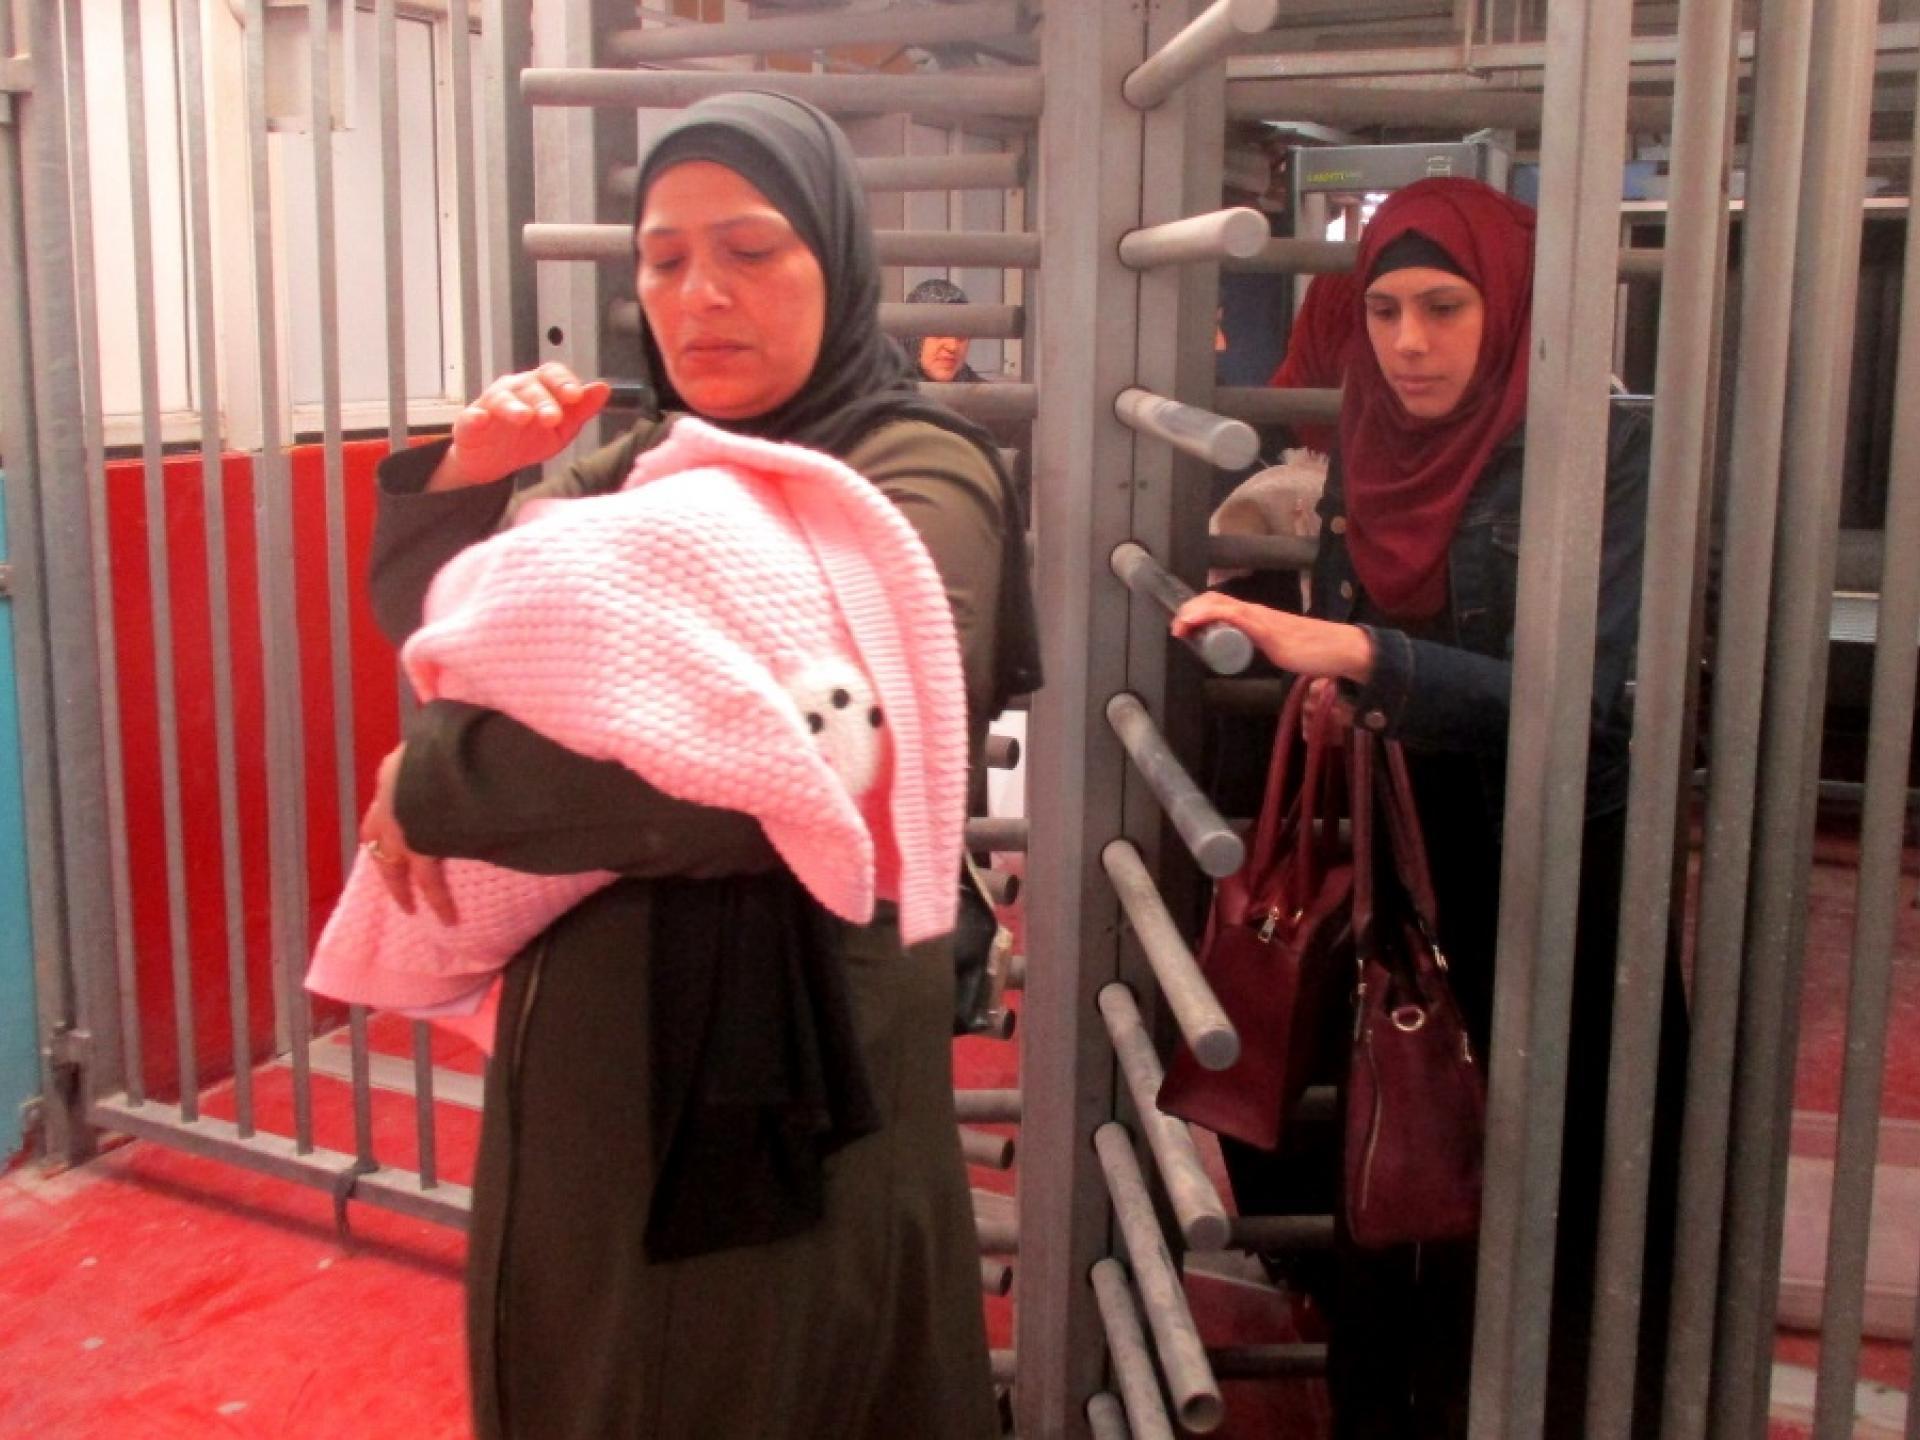 נשים עוברות לבדיקה חוזרת במחסום הישן.